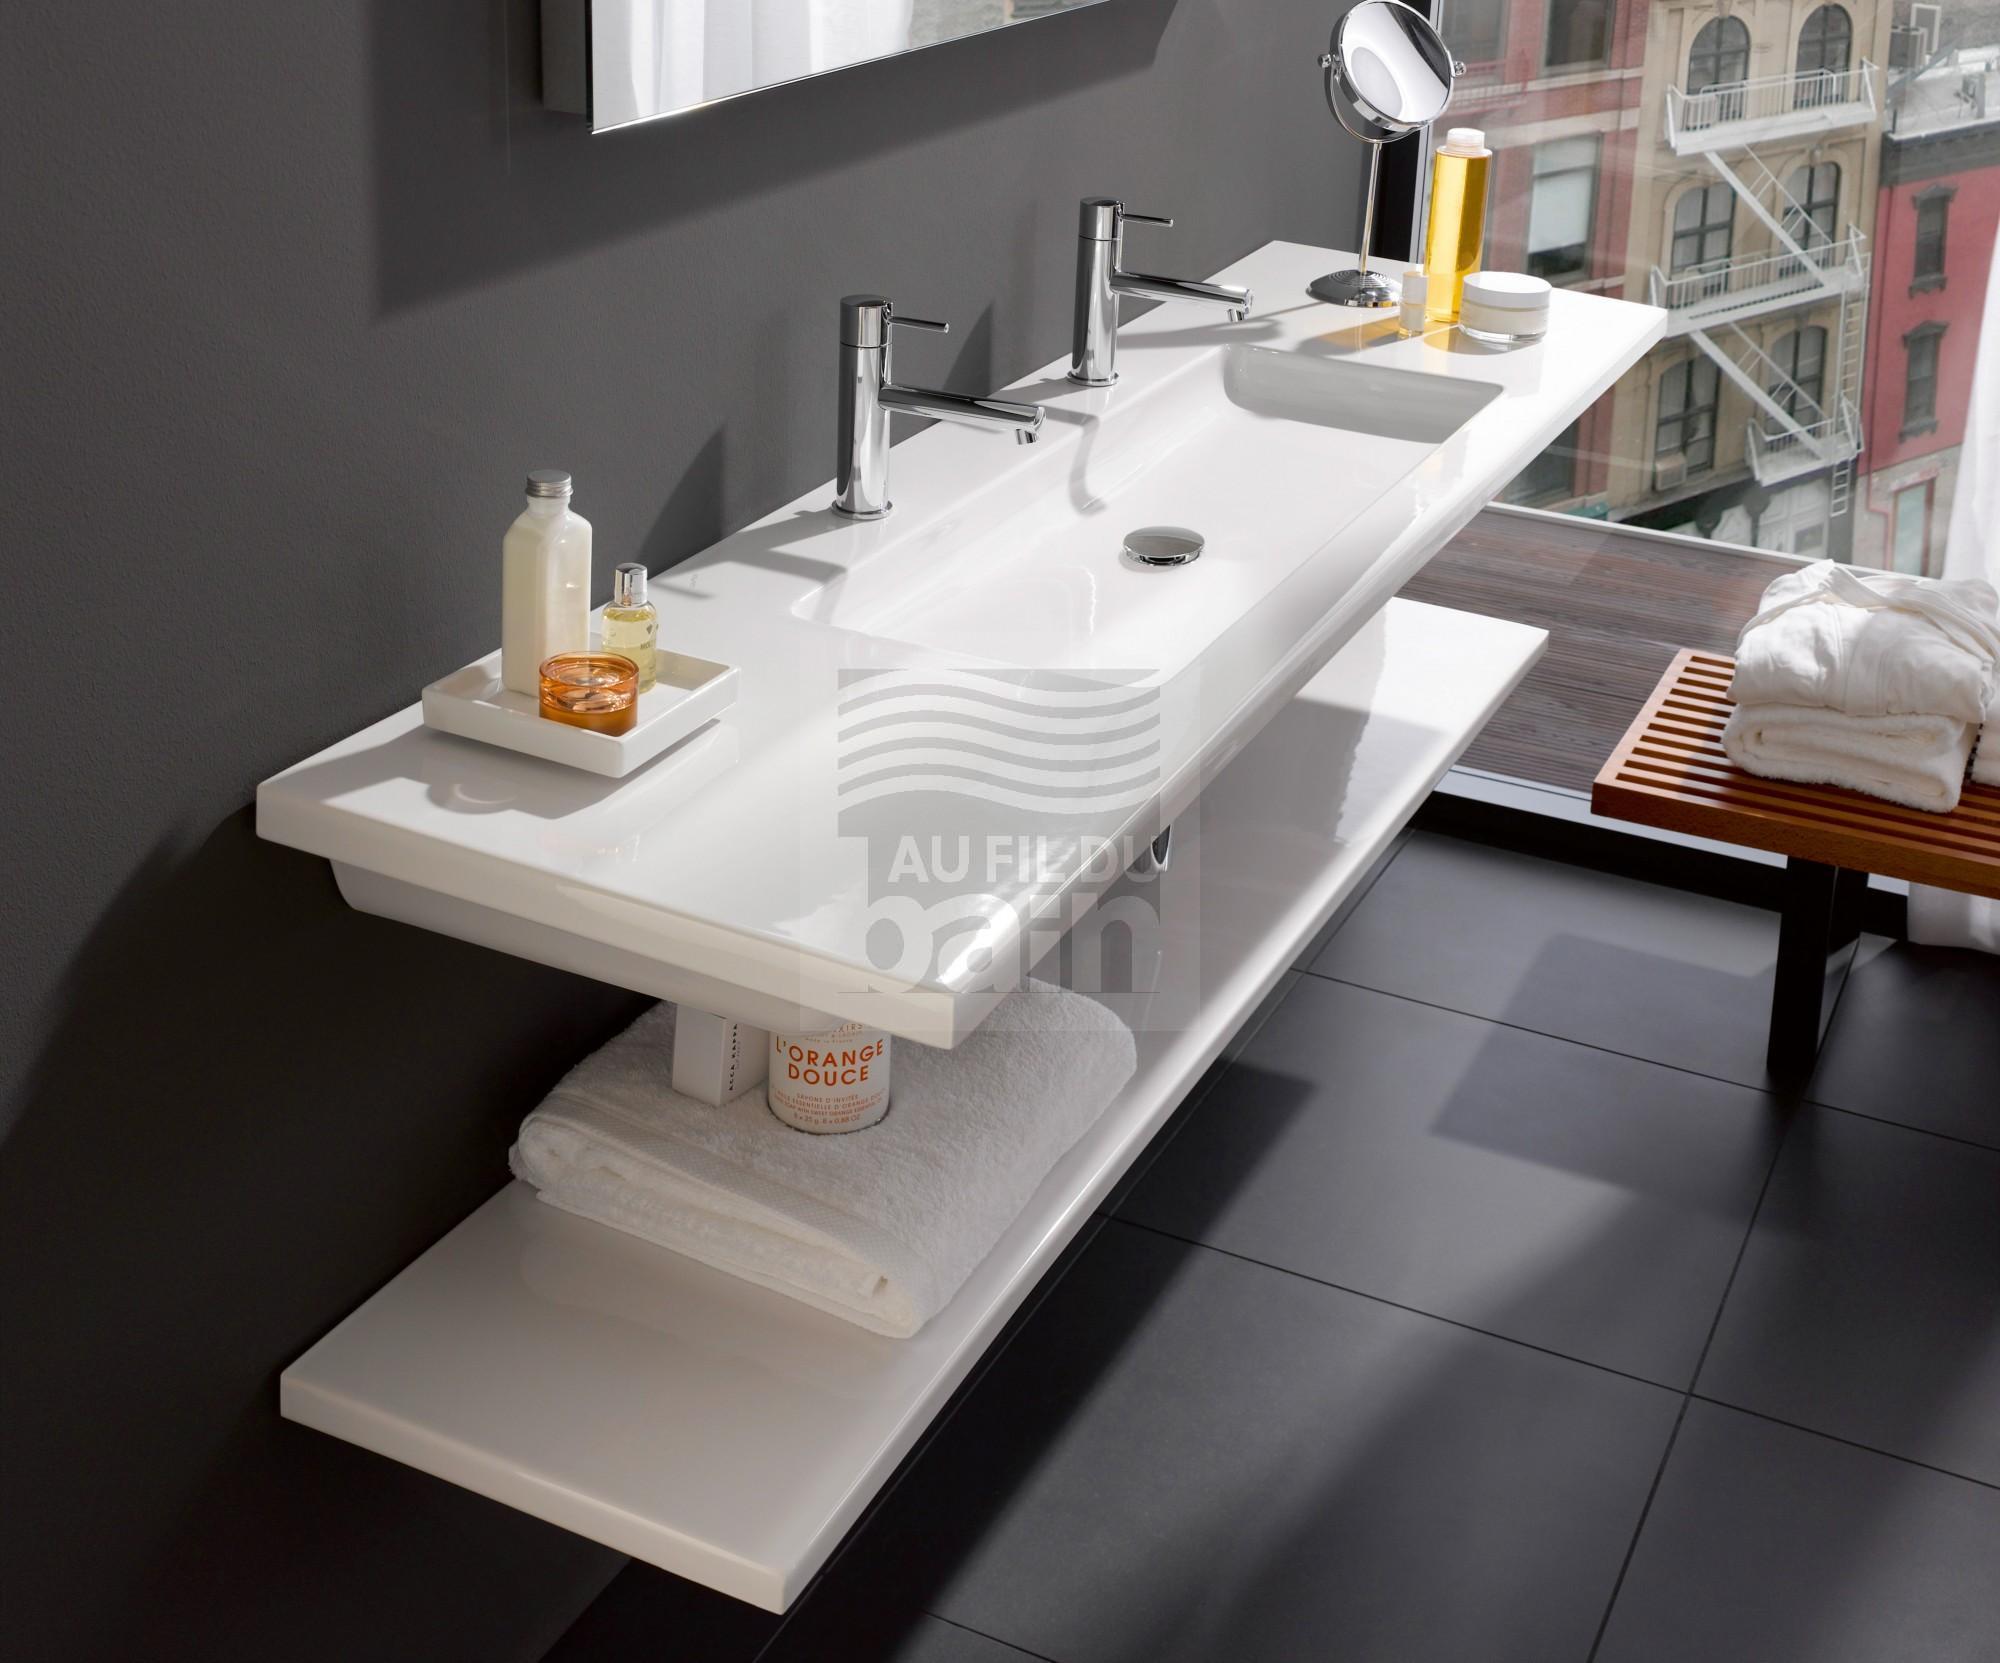 Plan vasque ceramique simple magasin pour vente de meubles de salle de bains marseille tosolini - Plan vasque de salle de bain ...